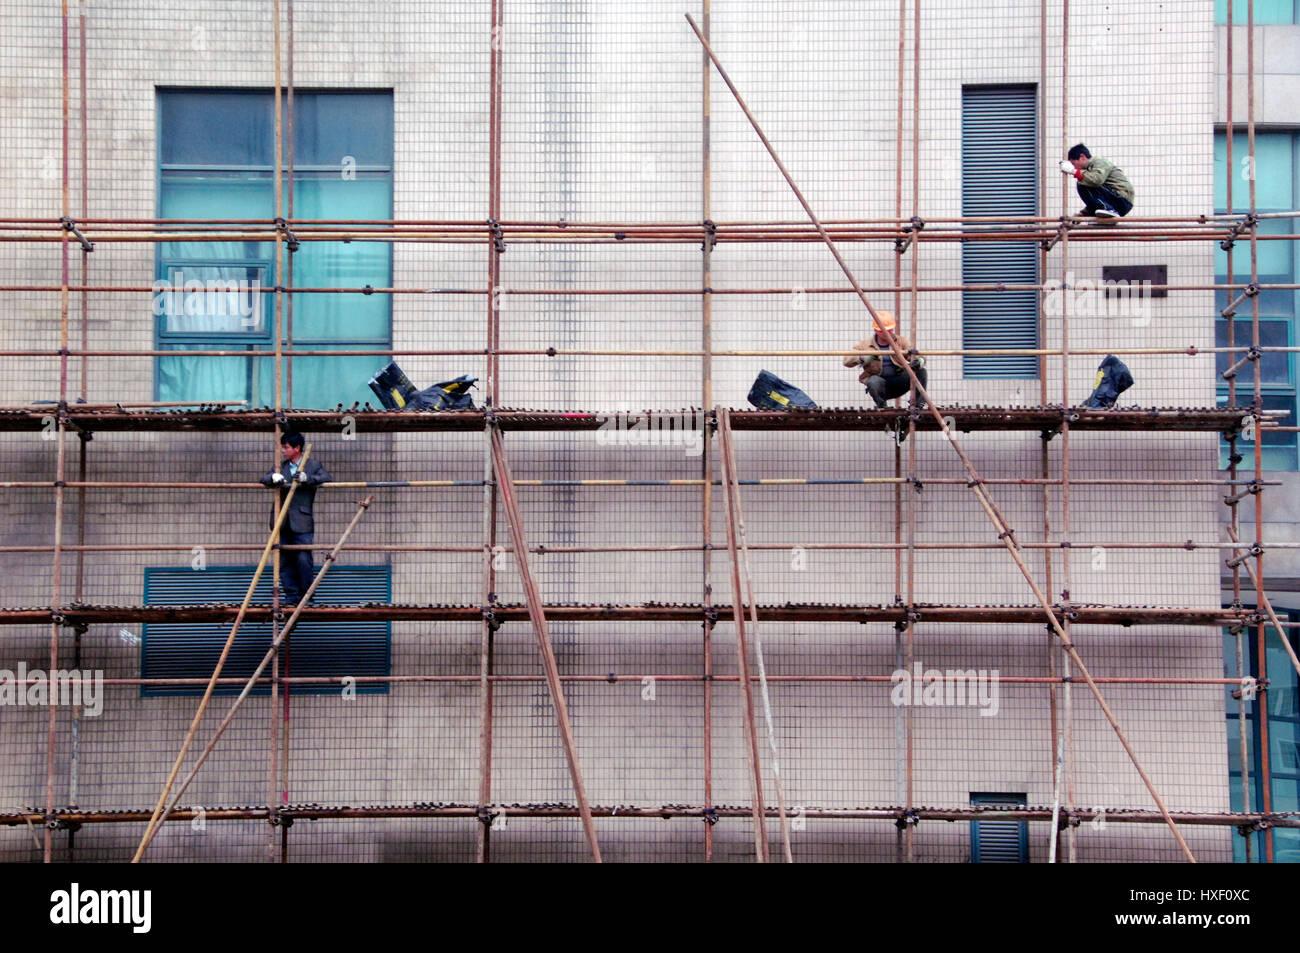 Arbeiter auf einem Bambus Konstruktion in Shanghai China